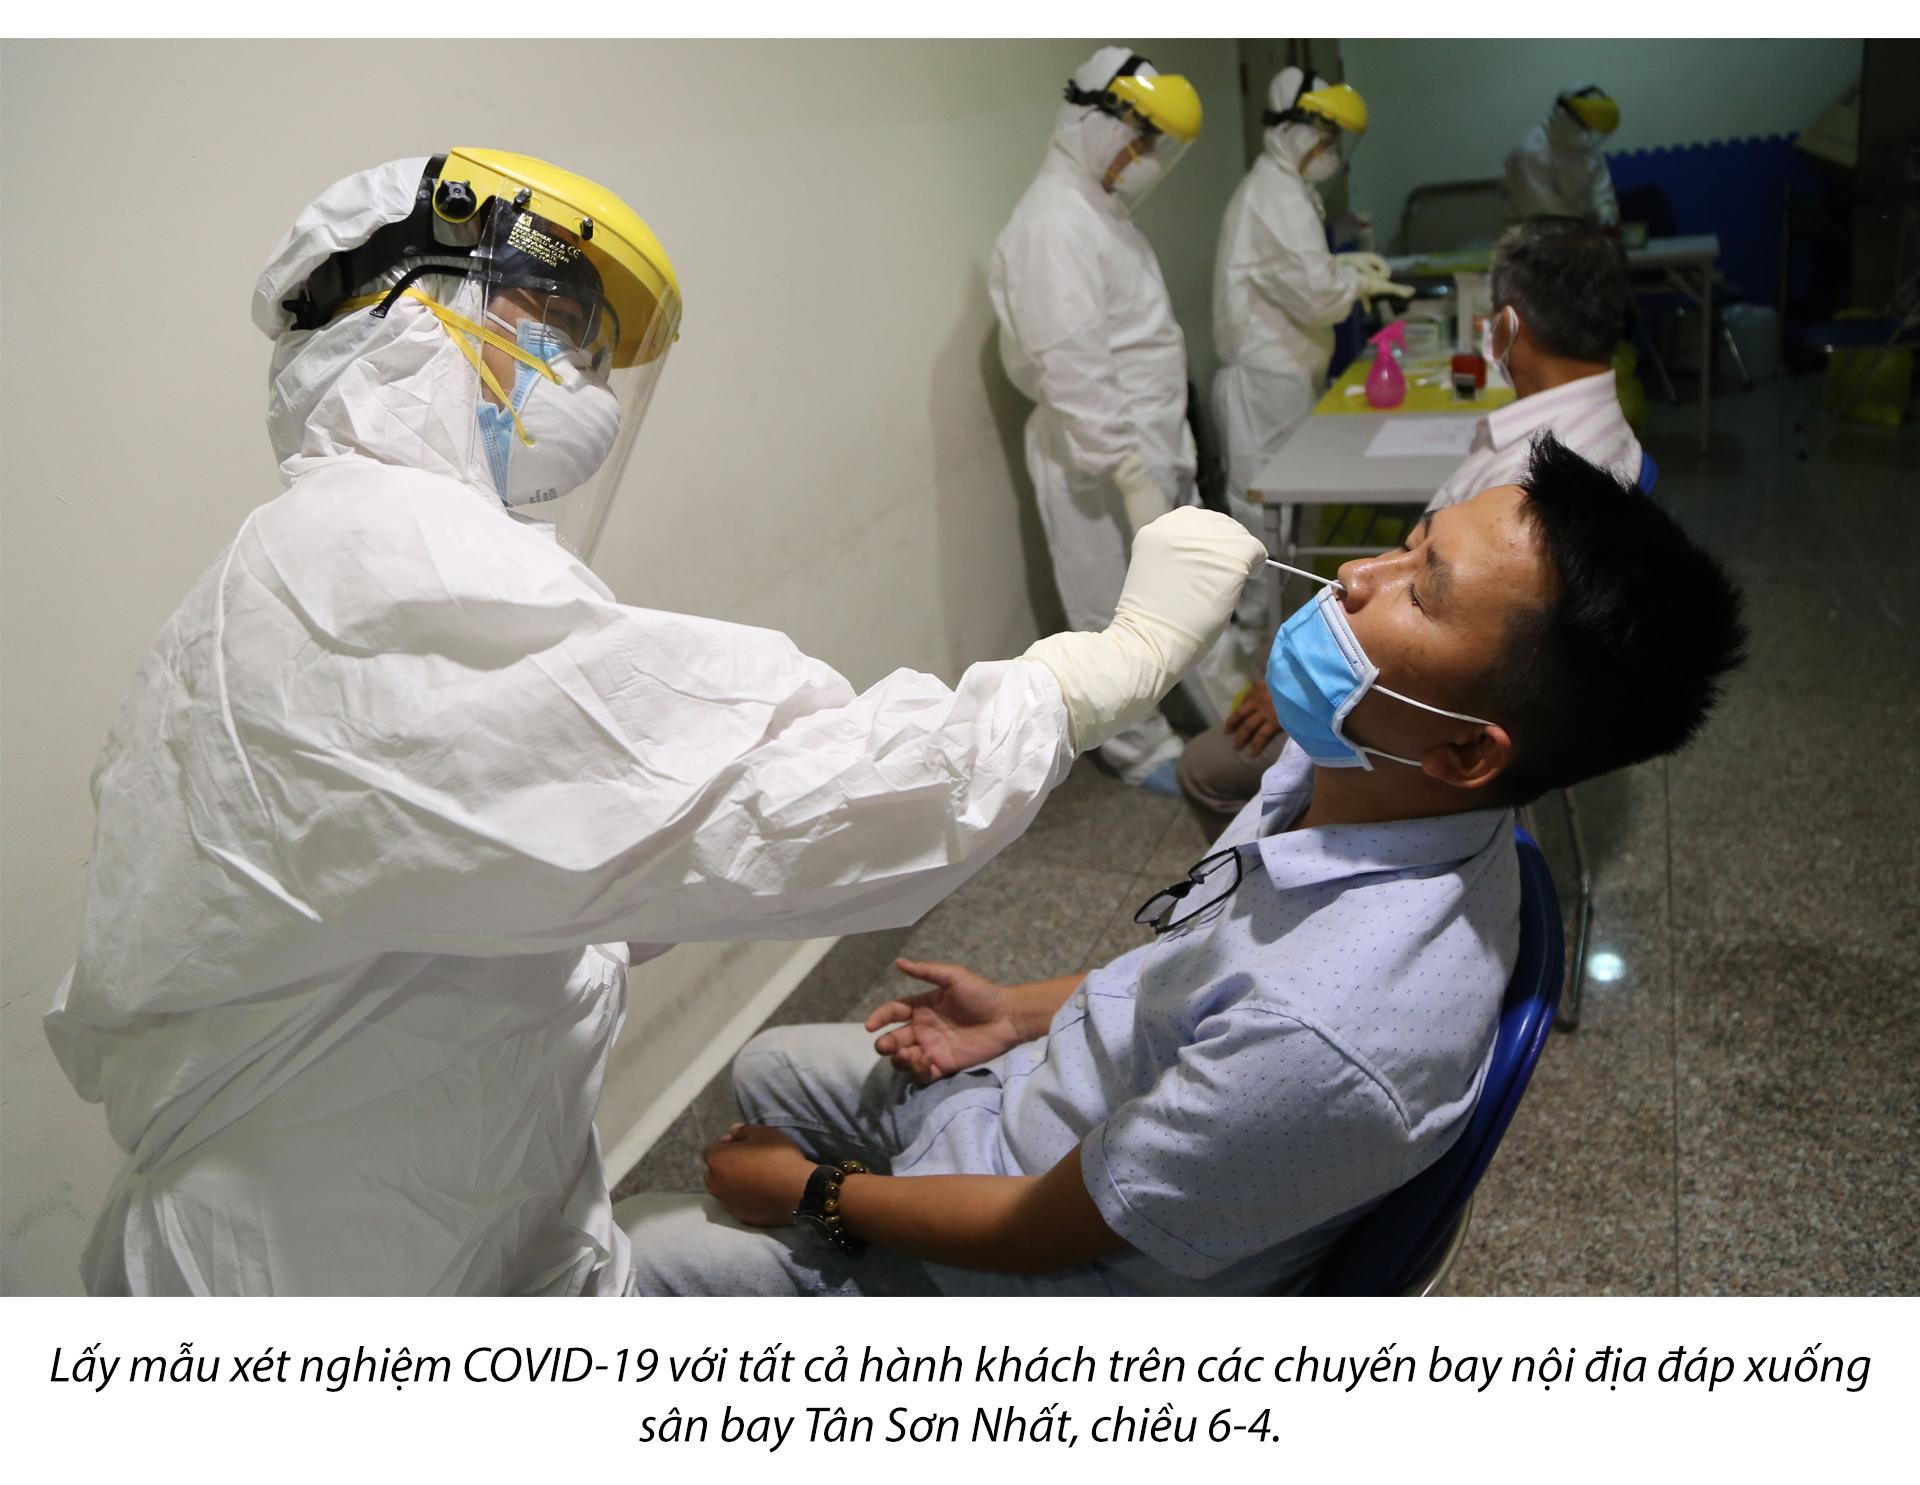 5 nỗ lực lớn của TP.HCM trong phòng, chống COVID-19 - ảnh 19